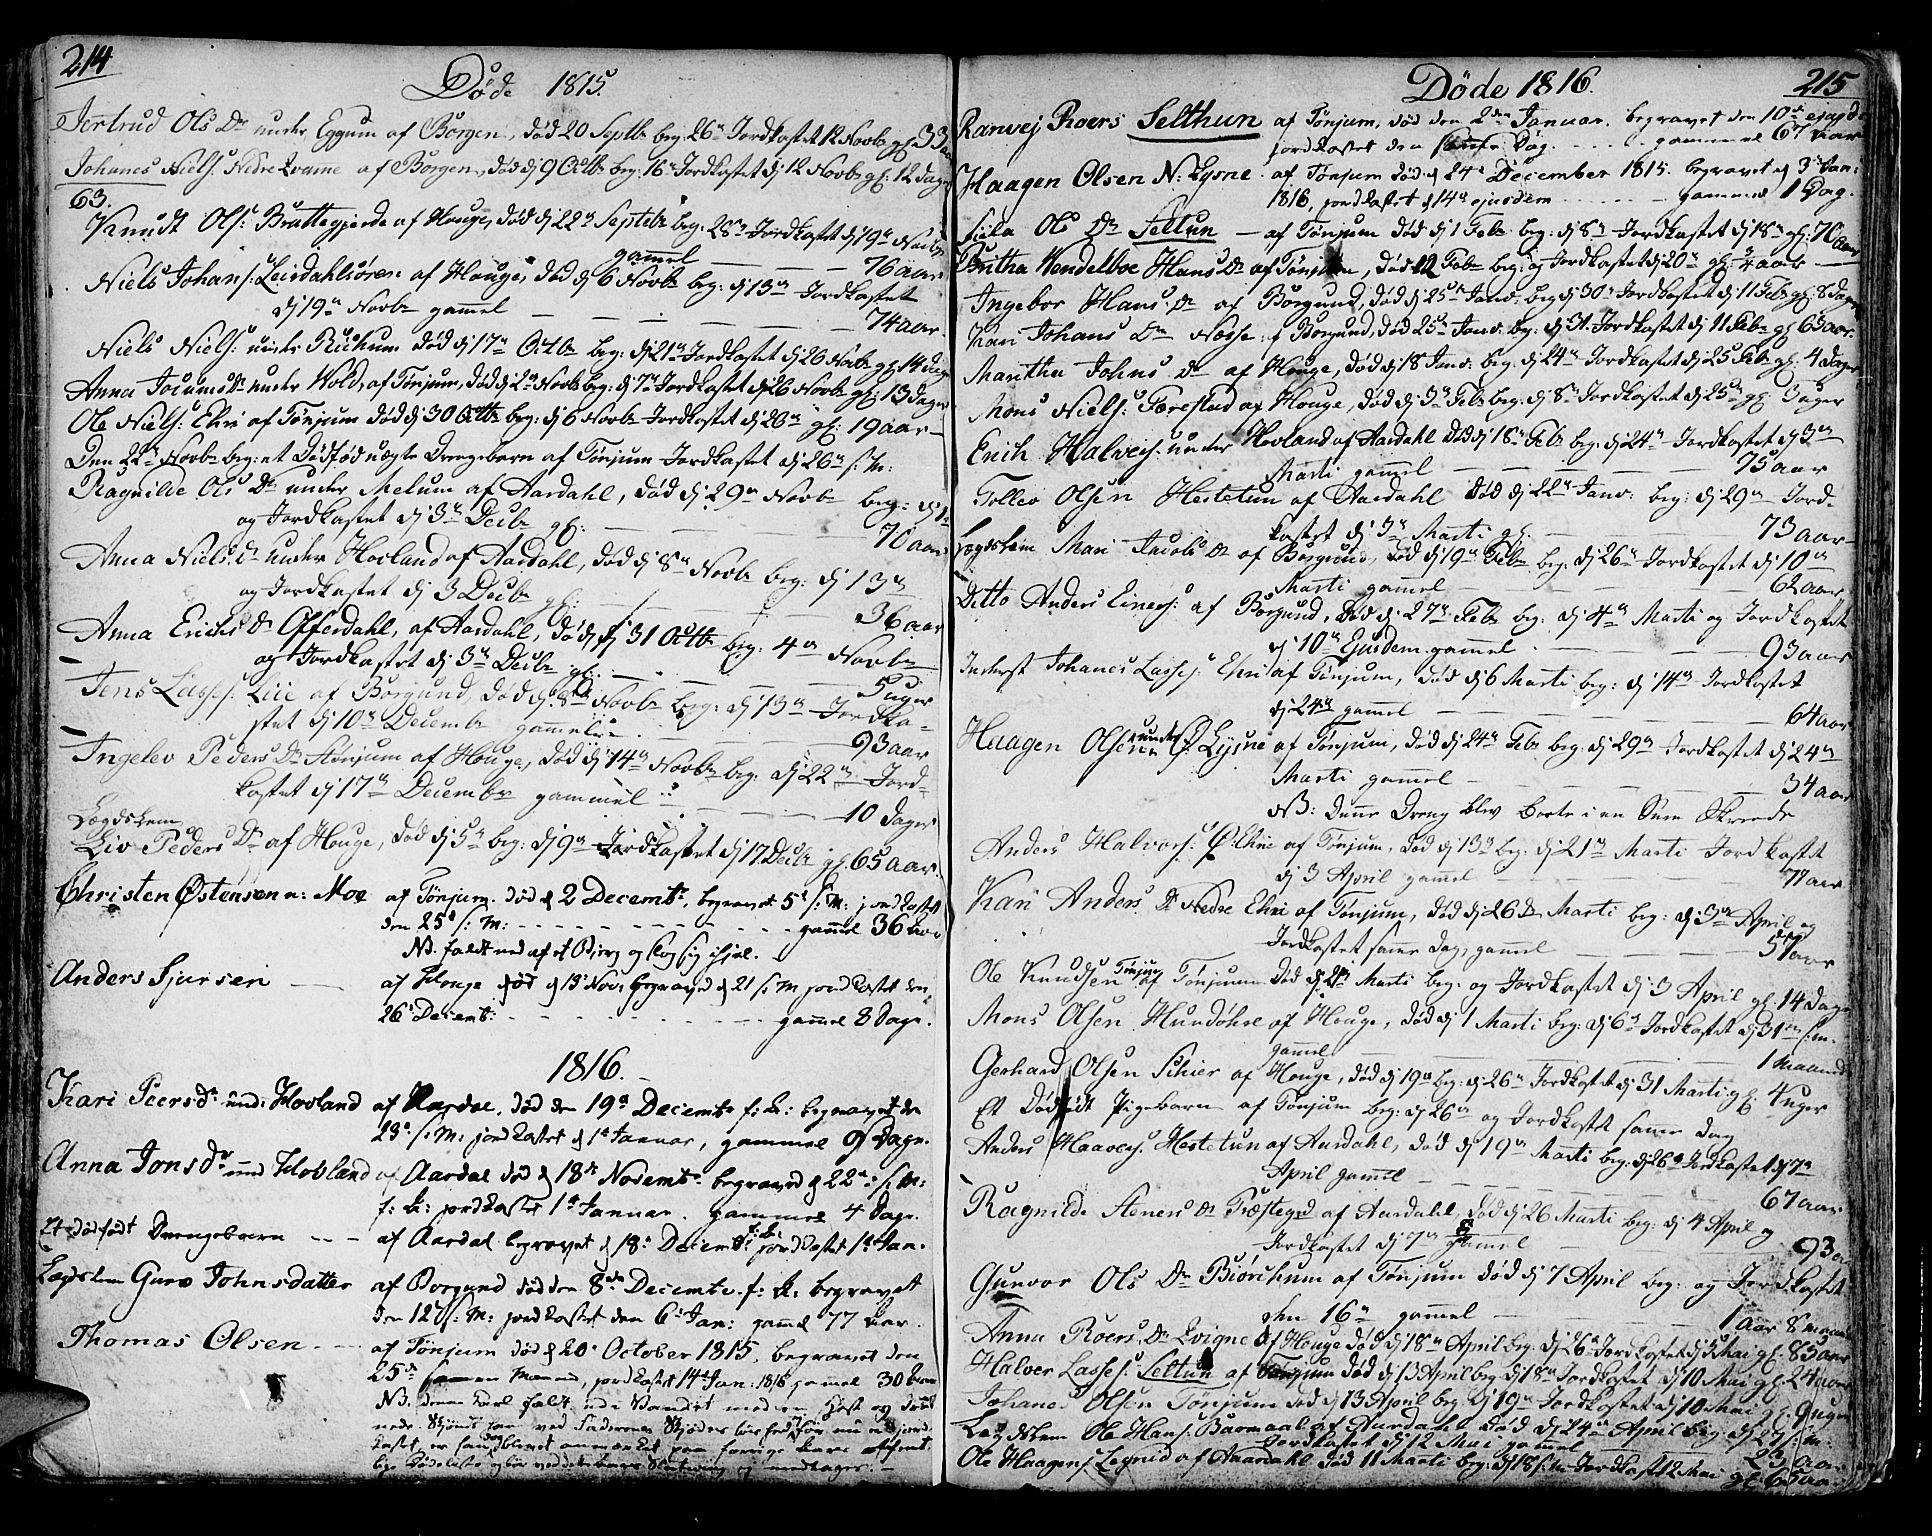 SAB, Lærdal sokneprestembete, Ministerialbok nr. A 4, 1805-1821, s. 214-215